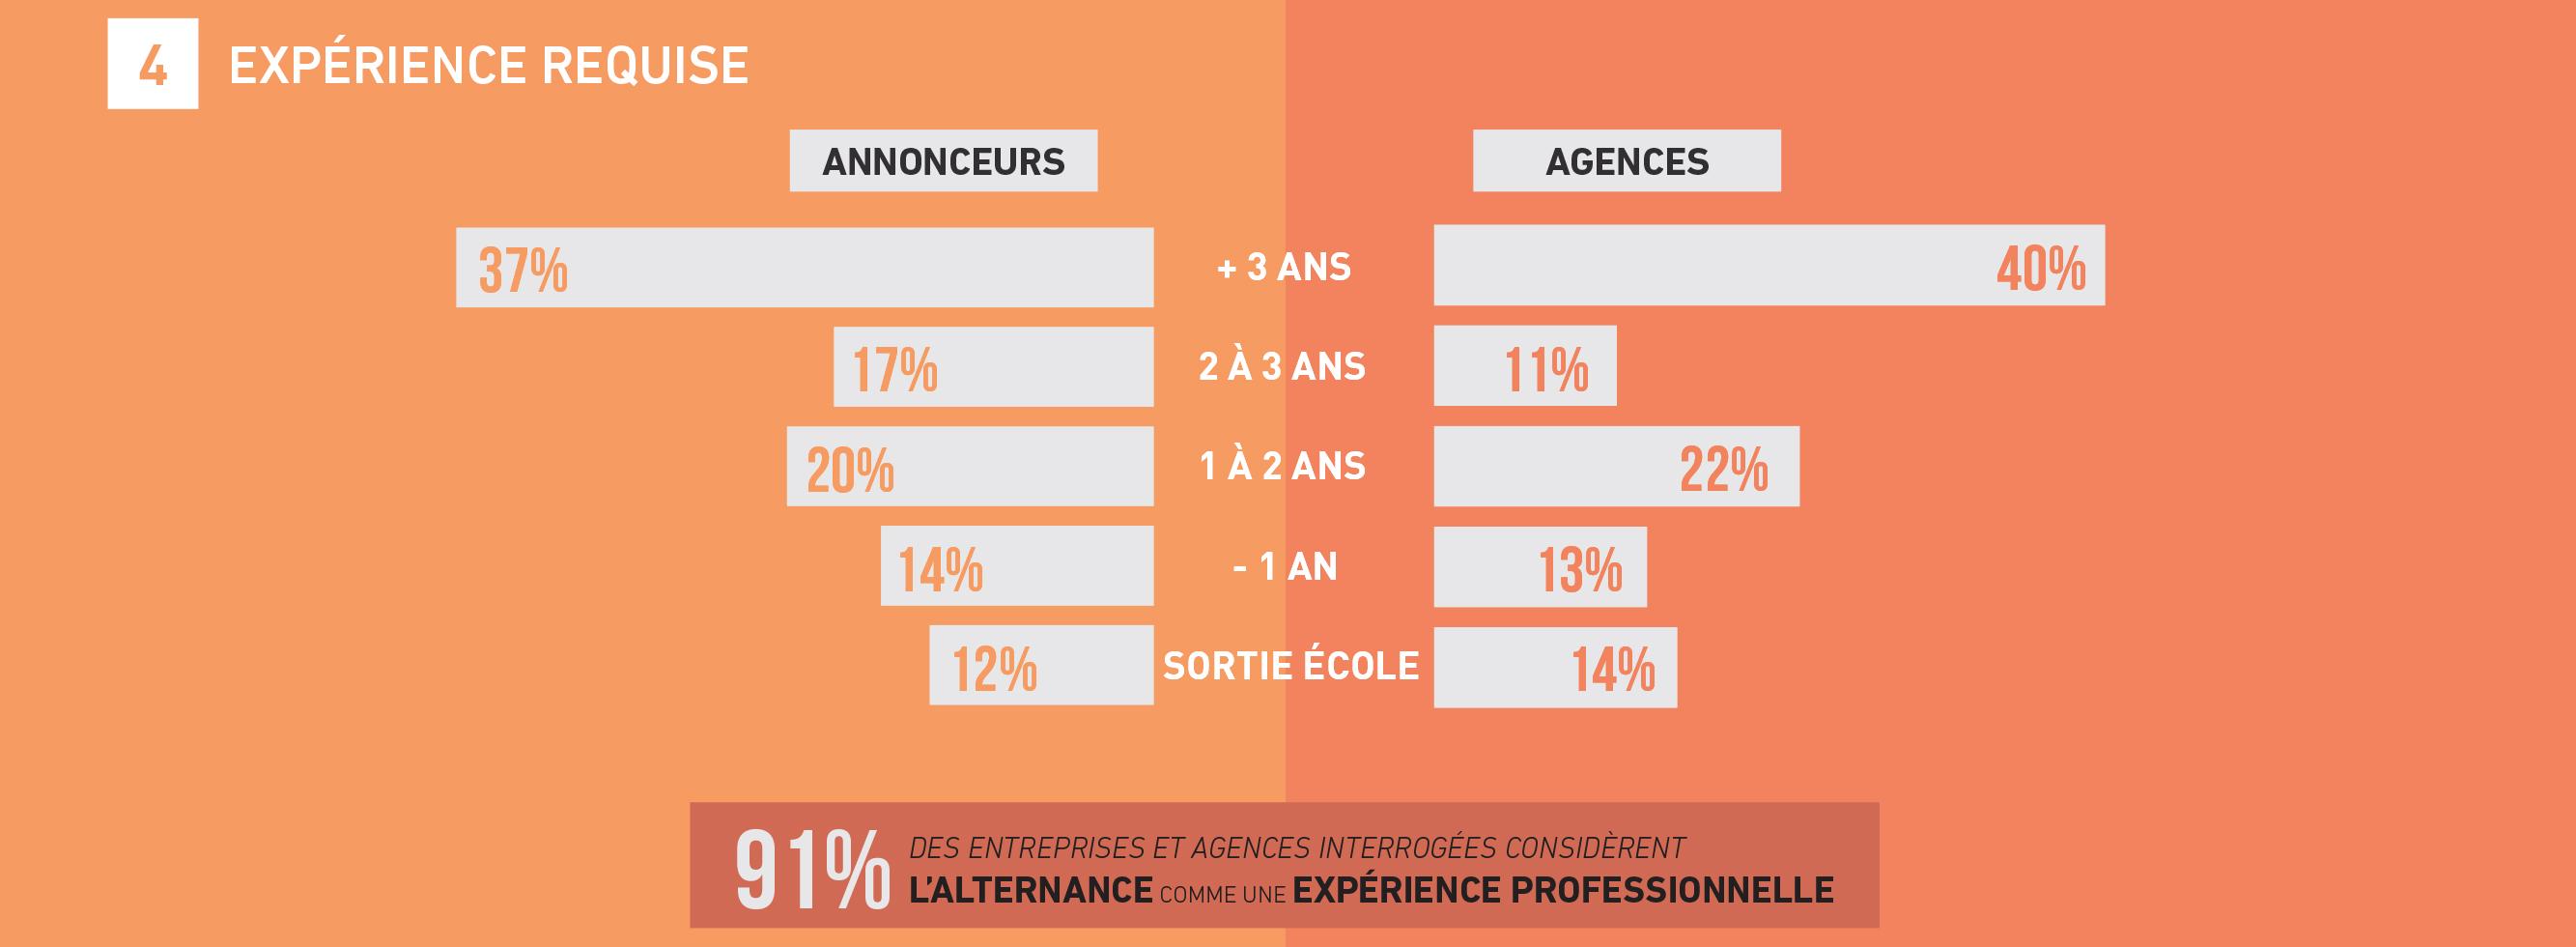 tendances-emploi-publicite-agences-annonceurs-barometre-metiers-communication-2018-sup-de-com-experience-requise